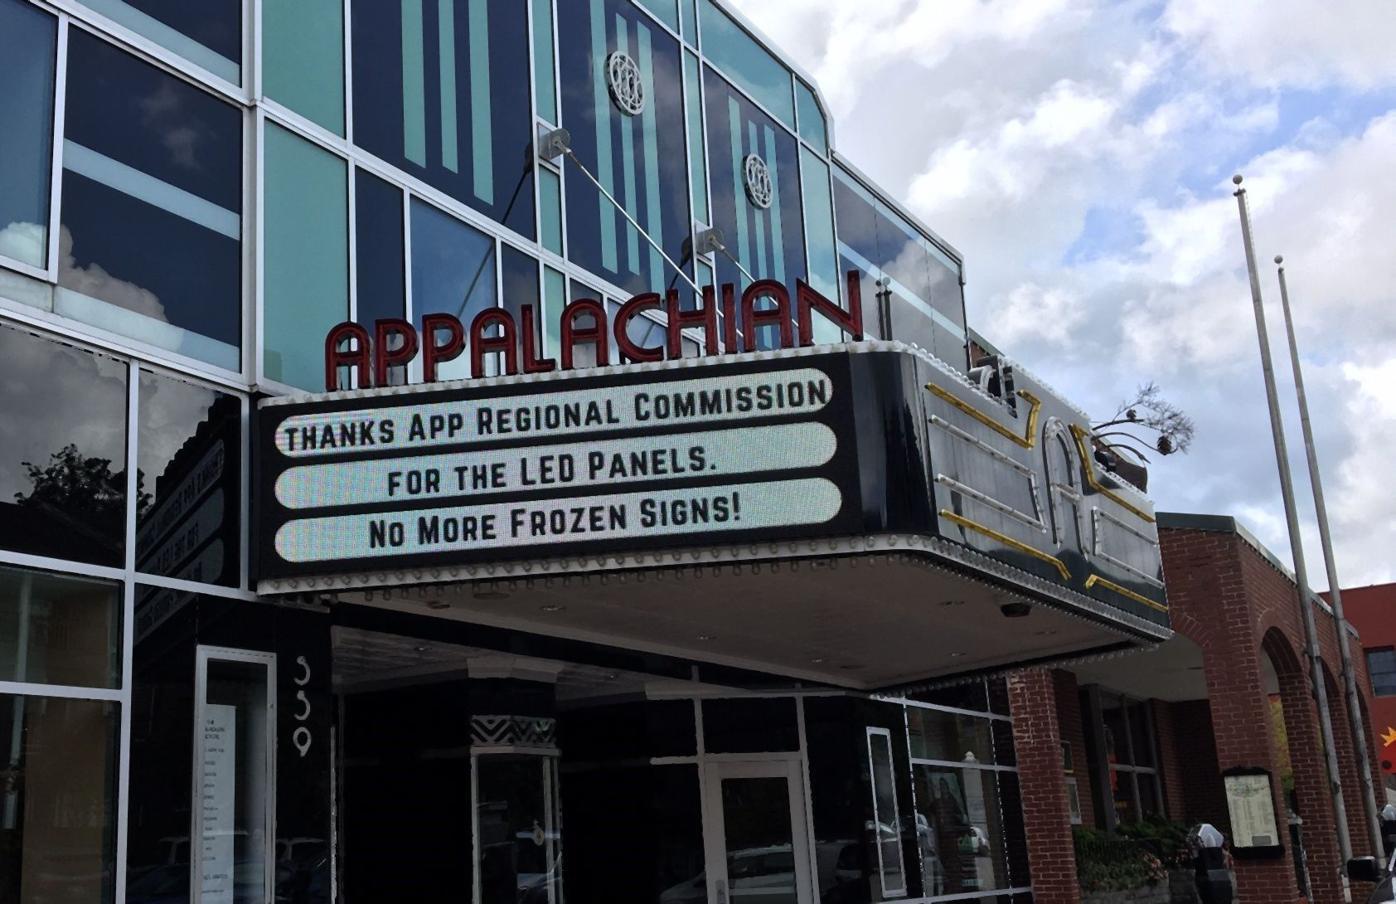 App Theatre sign